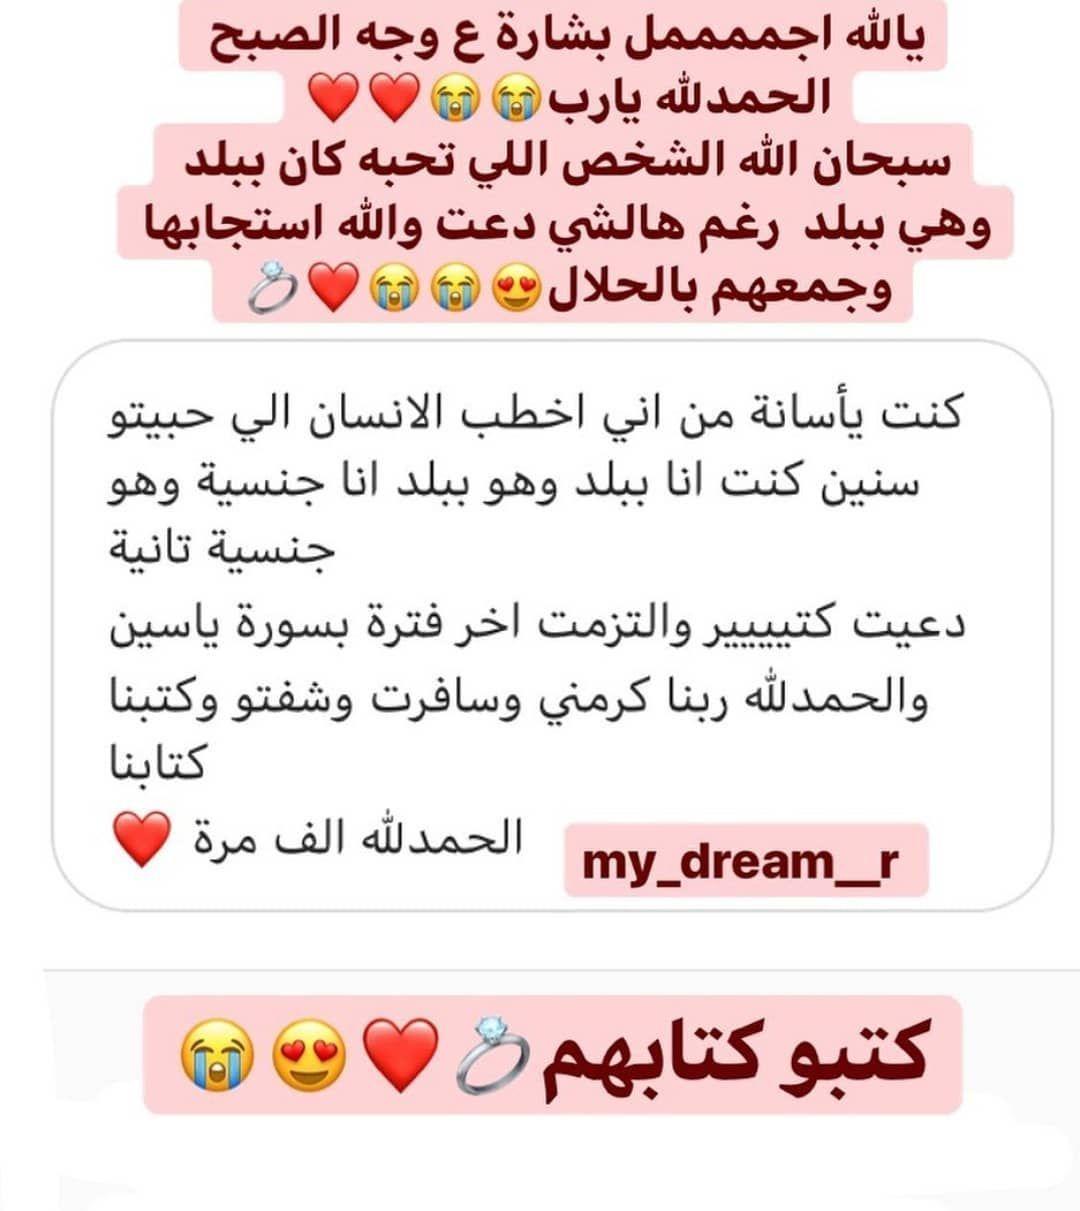 الا بذكر الله تطمئن القلوب On Instagram يا رب اجبر بخاطري متل ما جبرت بخاطرها Allah Quotes Instagram Arabic Quotes